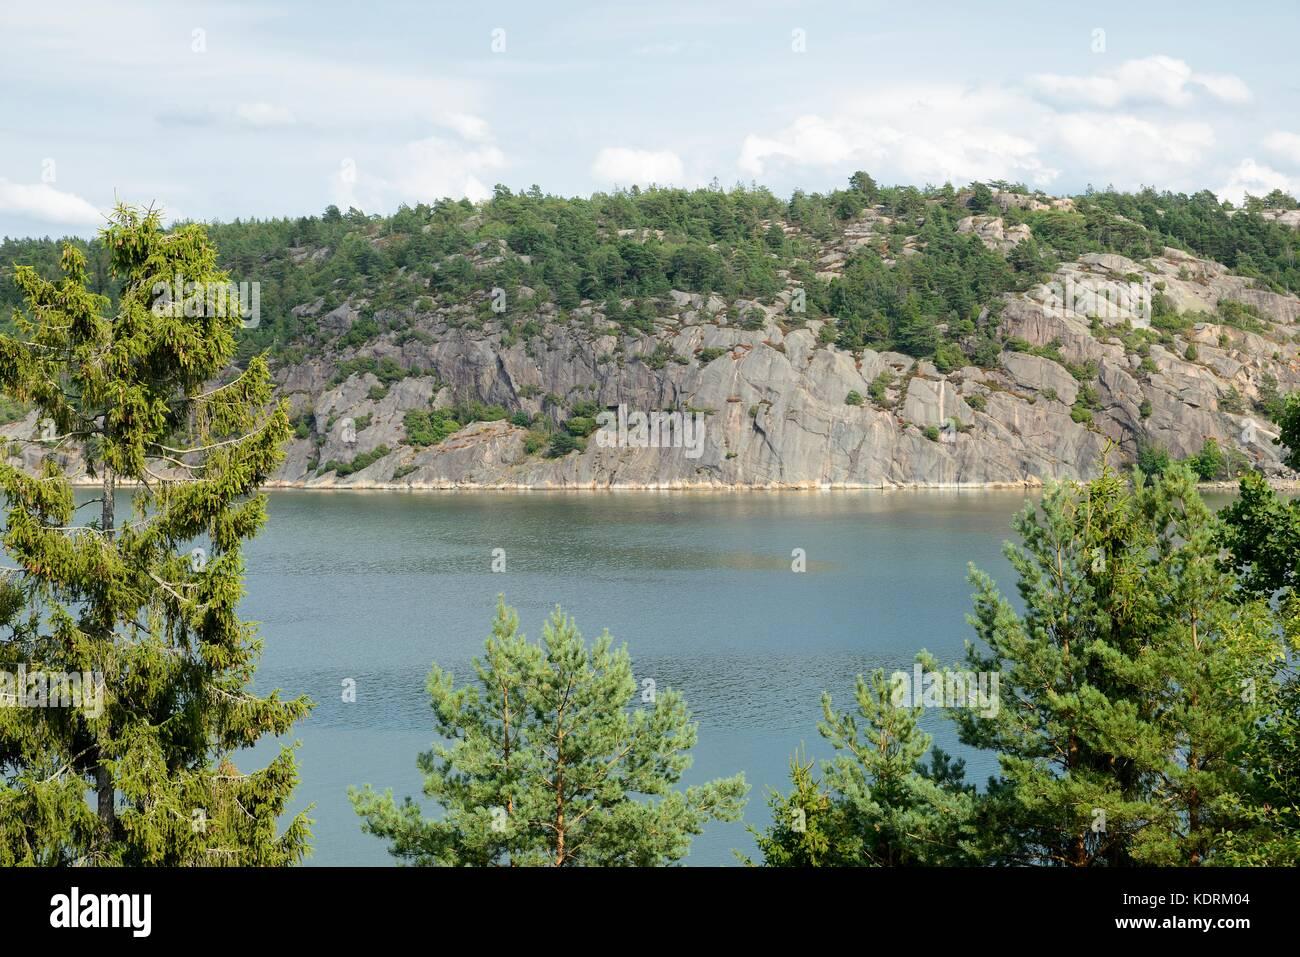 In the Skerry Rocks of Flatoen, Sweden - Stock Image